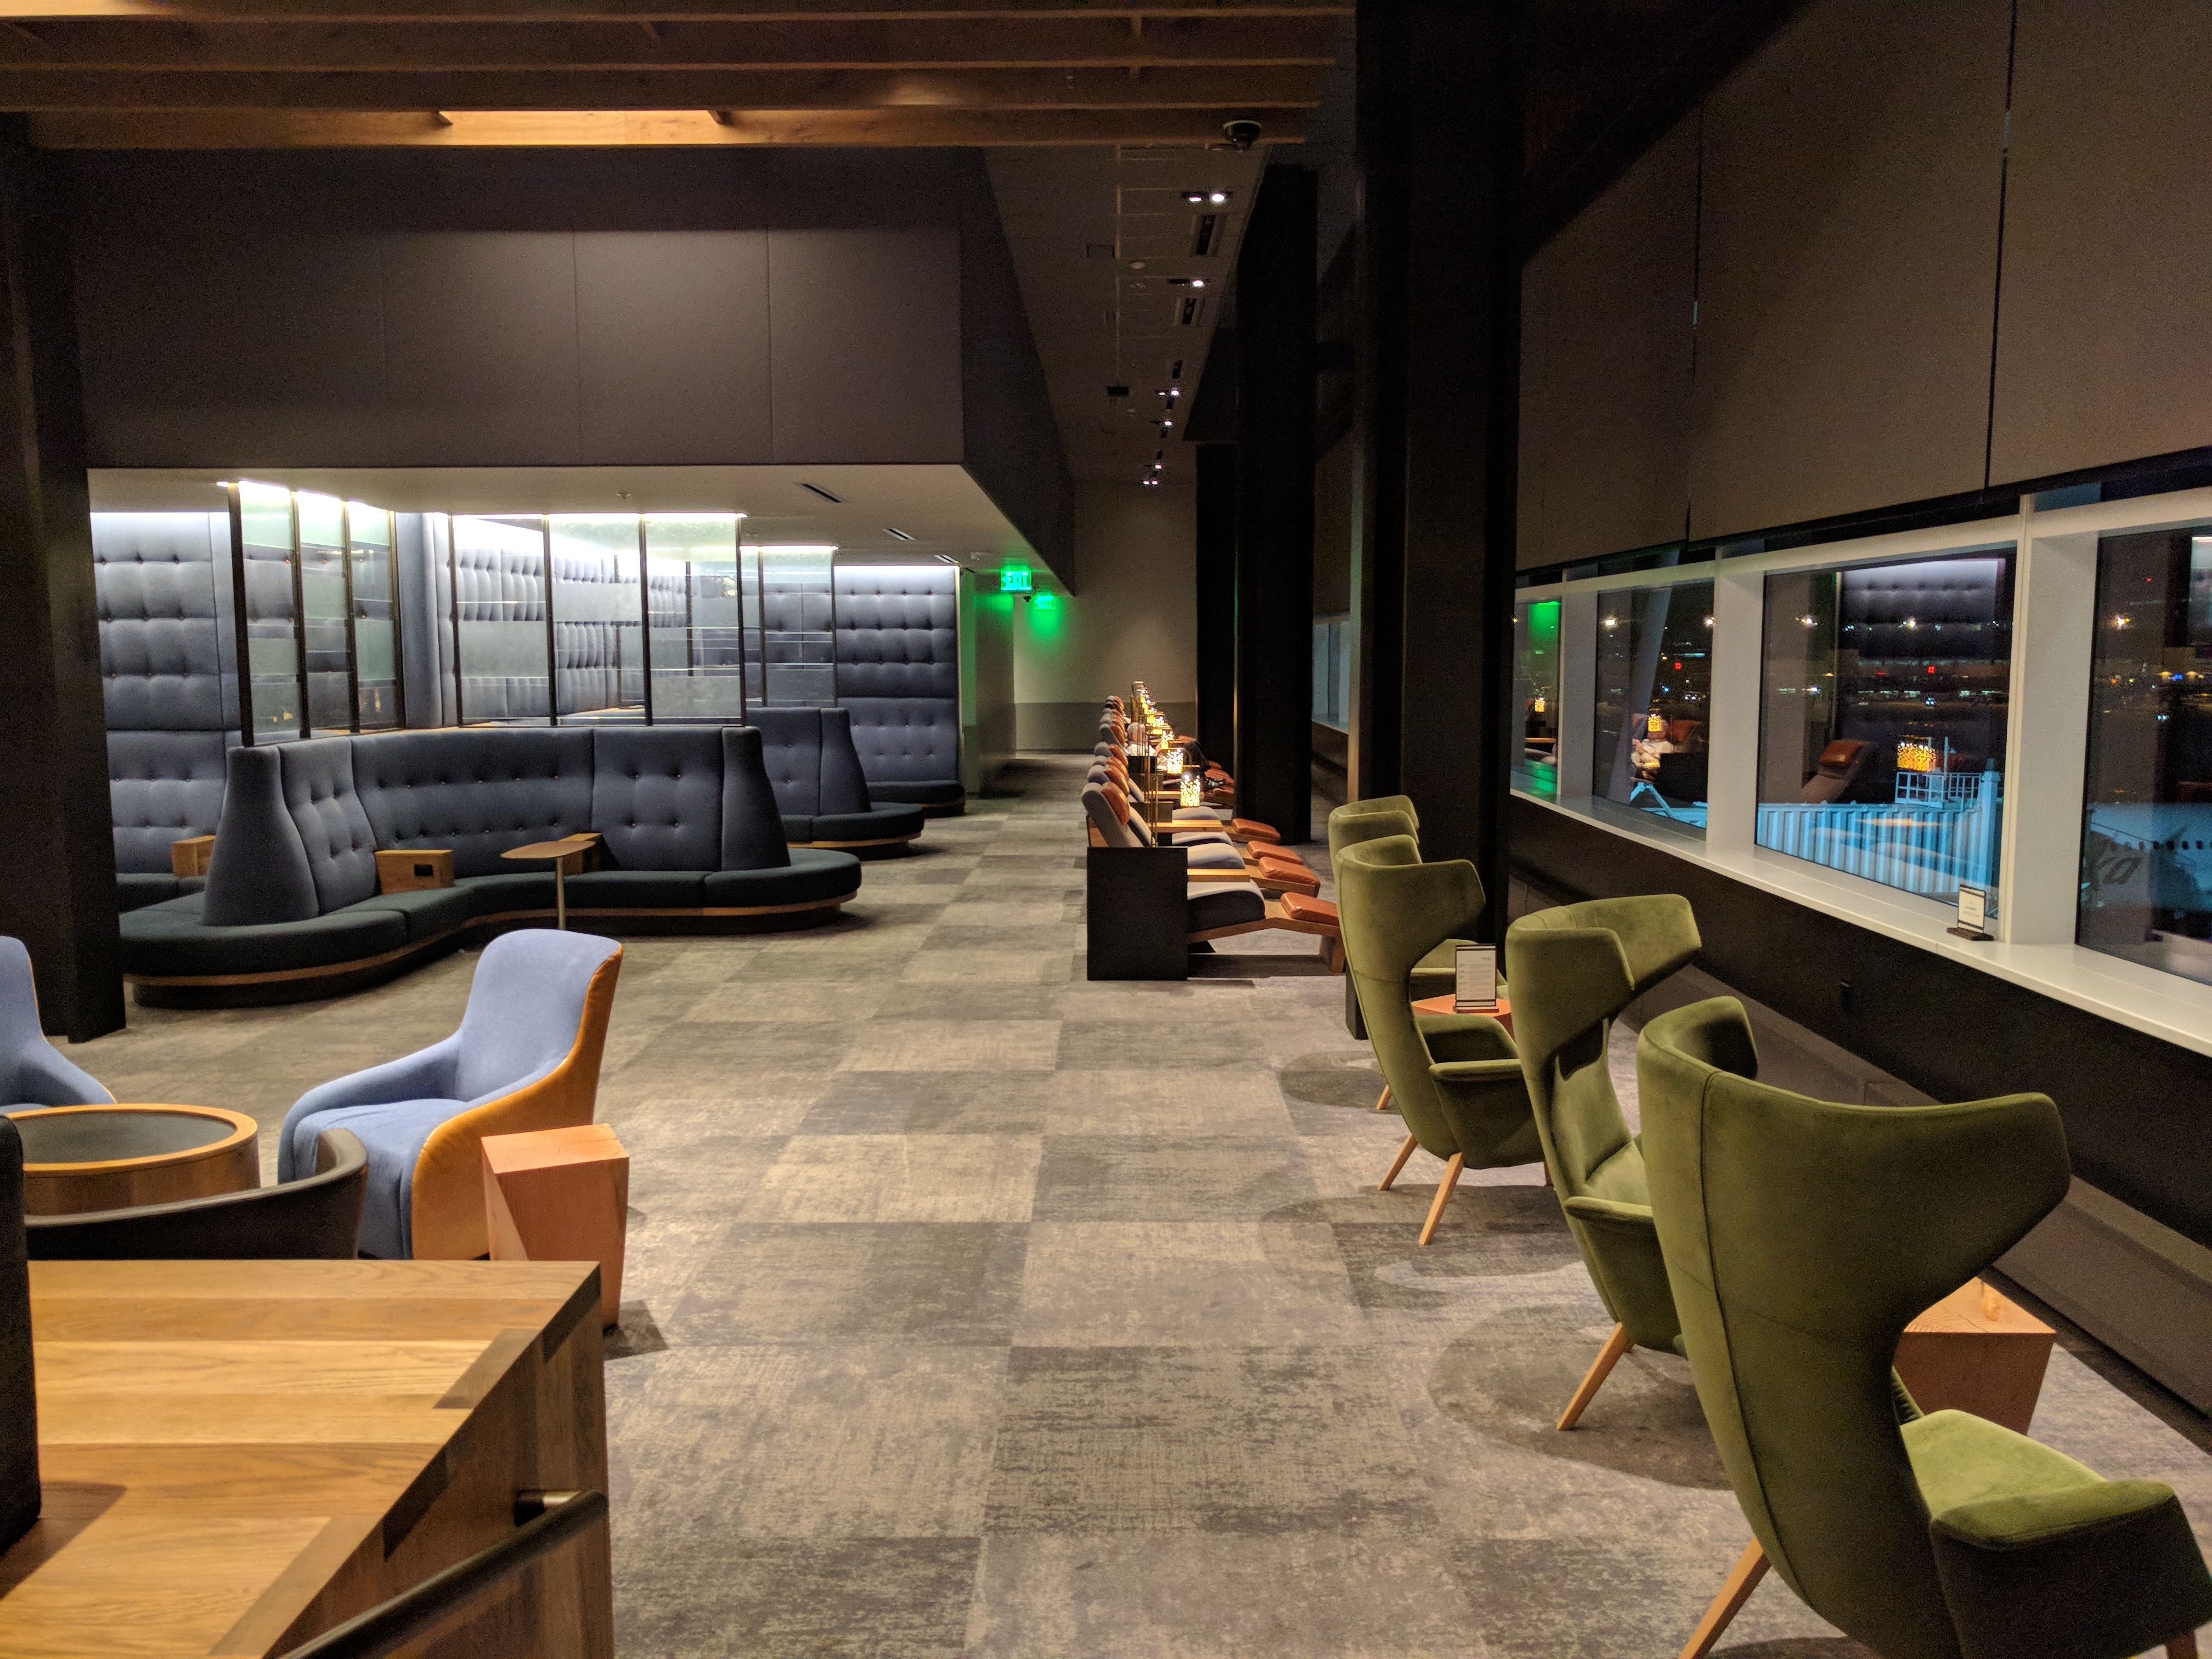 Alaska Lounge N-Gates: More quiet area seating